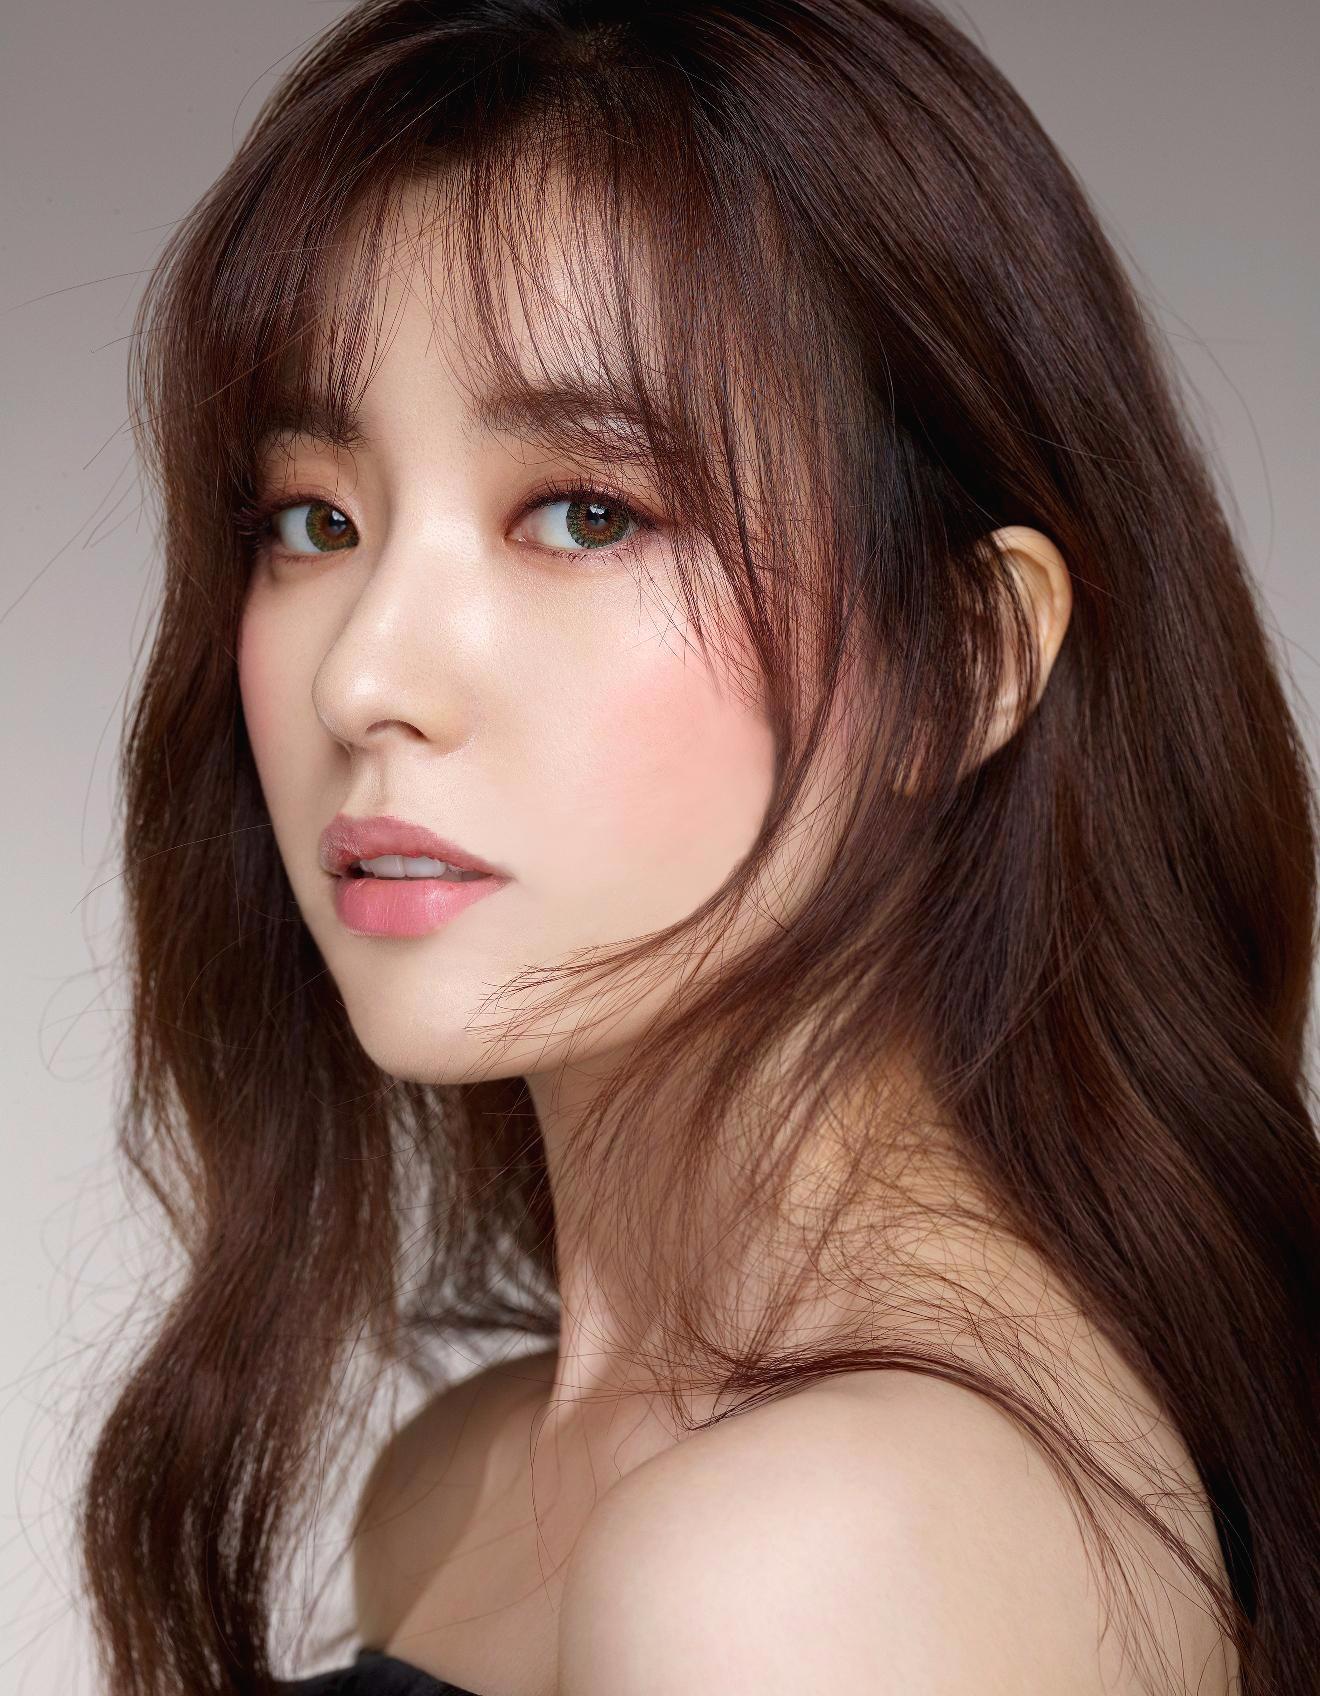 Cặp đôi thánh sống Kang Dong Won và Han Hyo Joo: Khi người thừa kế đời thực và nữ thần đều dính bê bối chấn động - Ảnh 10.